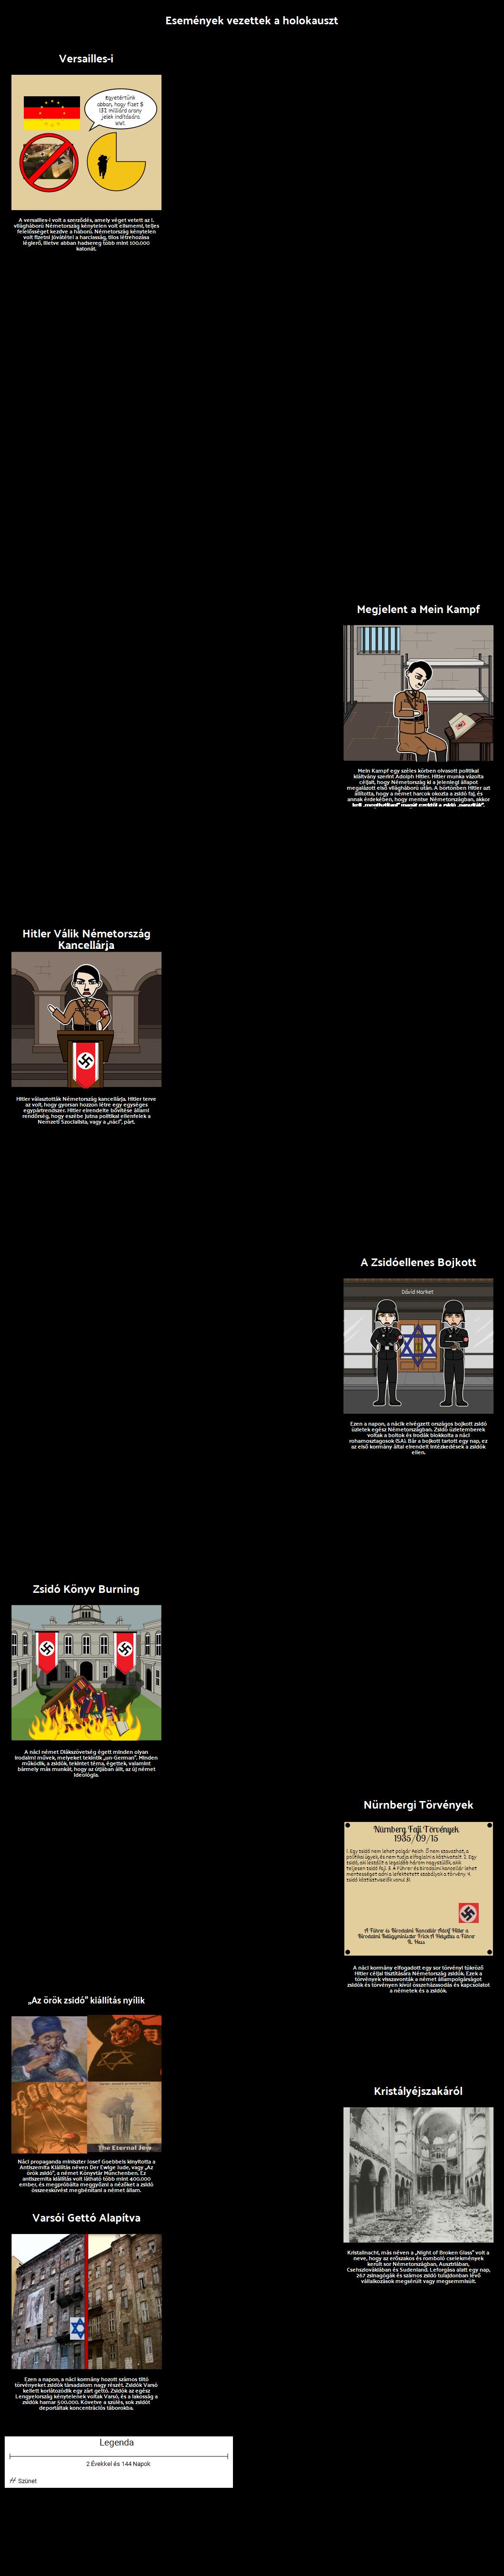 Vezető Események Holokauszt Timeline